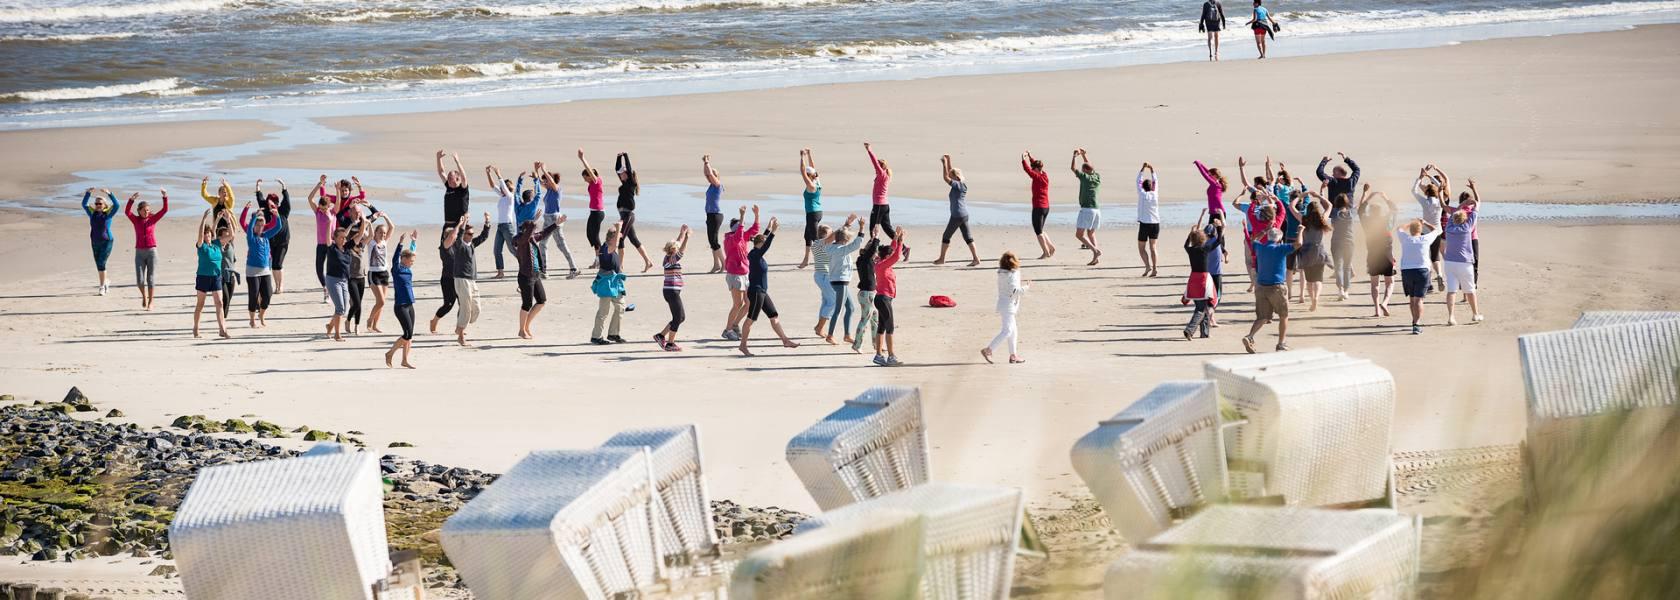 Ob Jung oder Alt, ob Einheimischer oder Tourist: Bei der Thalasso-Strandgymnastik darf jeder dabei sein, © Kurverwaltung Wangerooge / Kees van Surksum